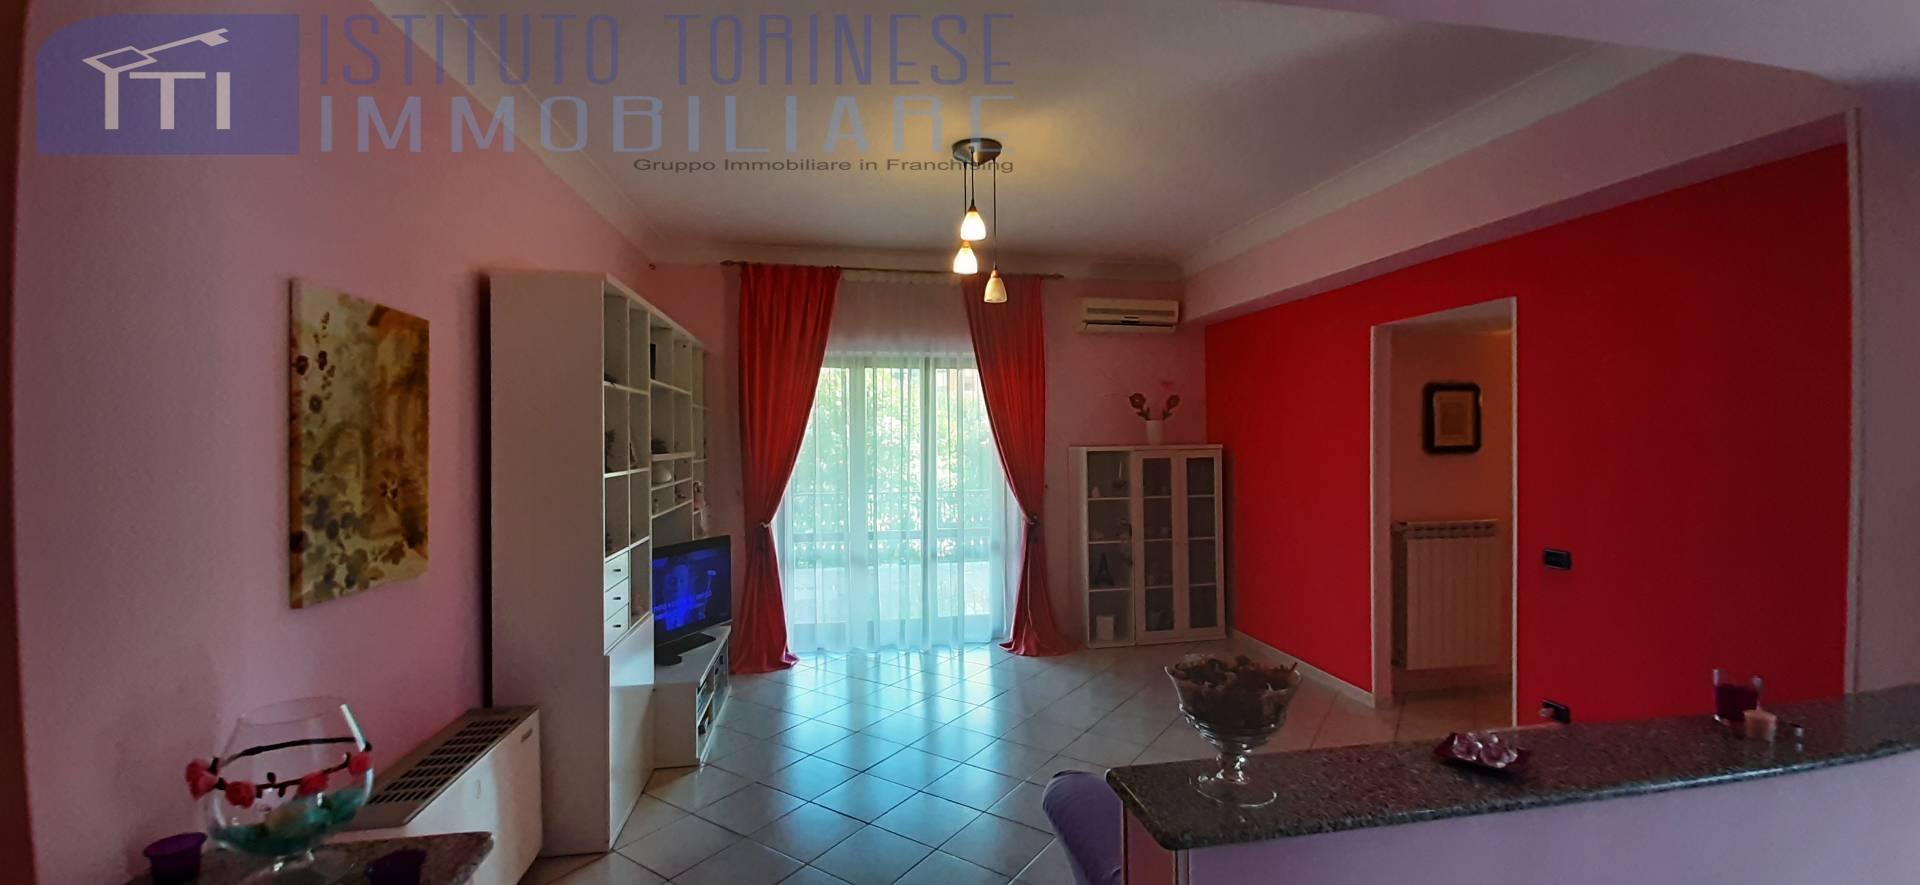 Appartamento in vendita a Sant'Elia Fiumerapido, 5 locali, prezzo € 89.000 | PortaleAgenzieImmobiliari.it